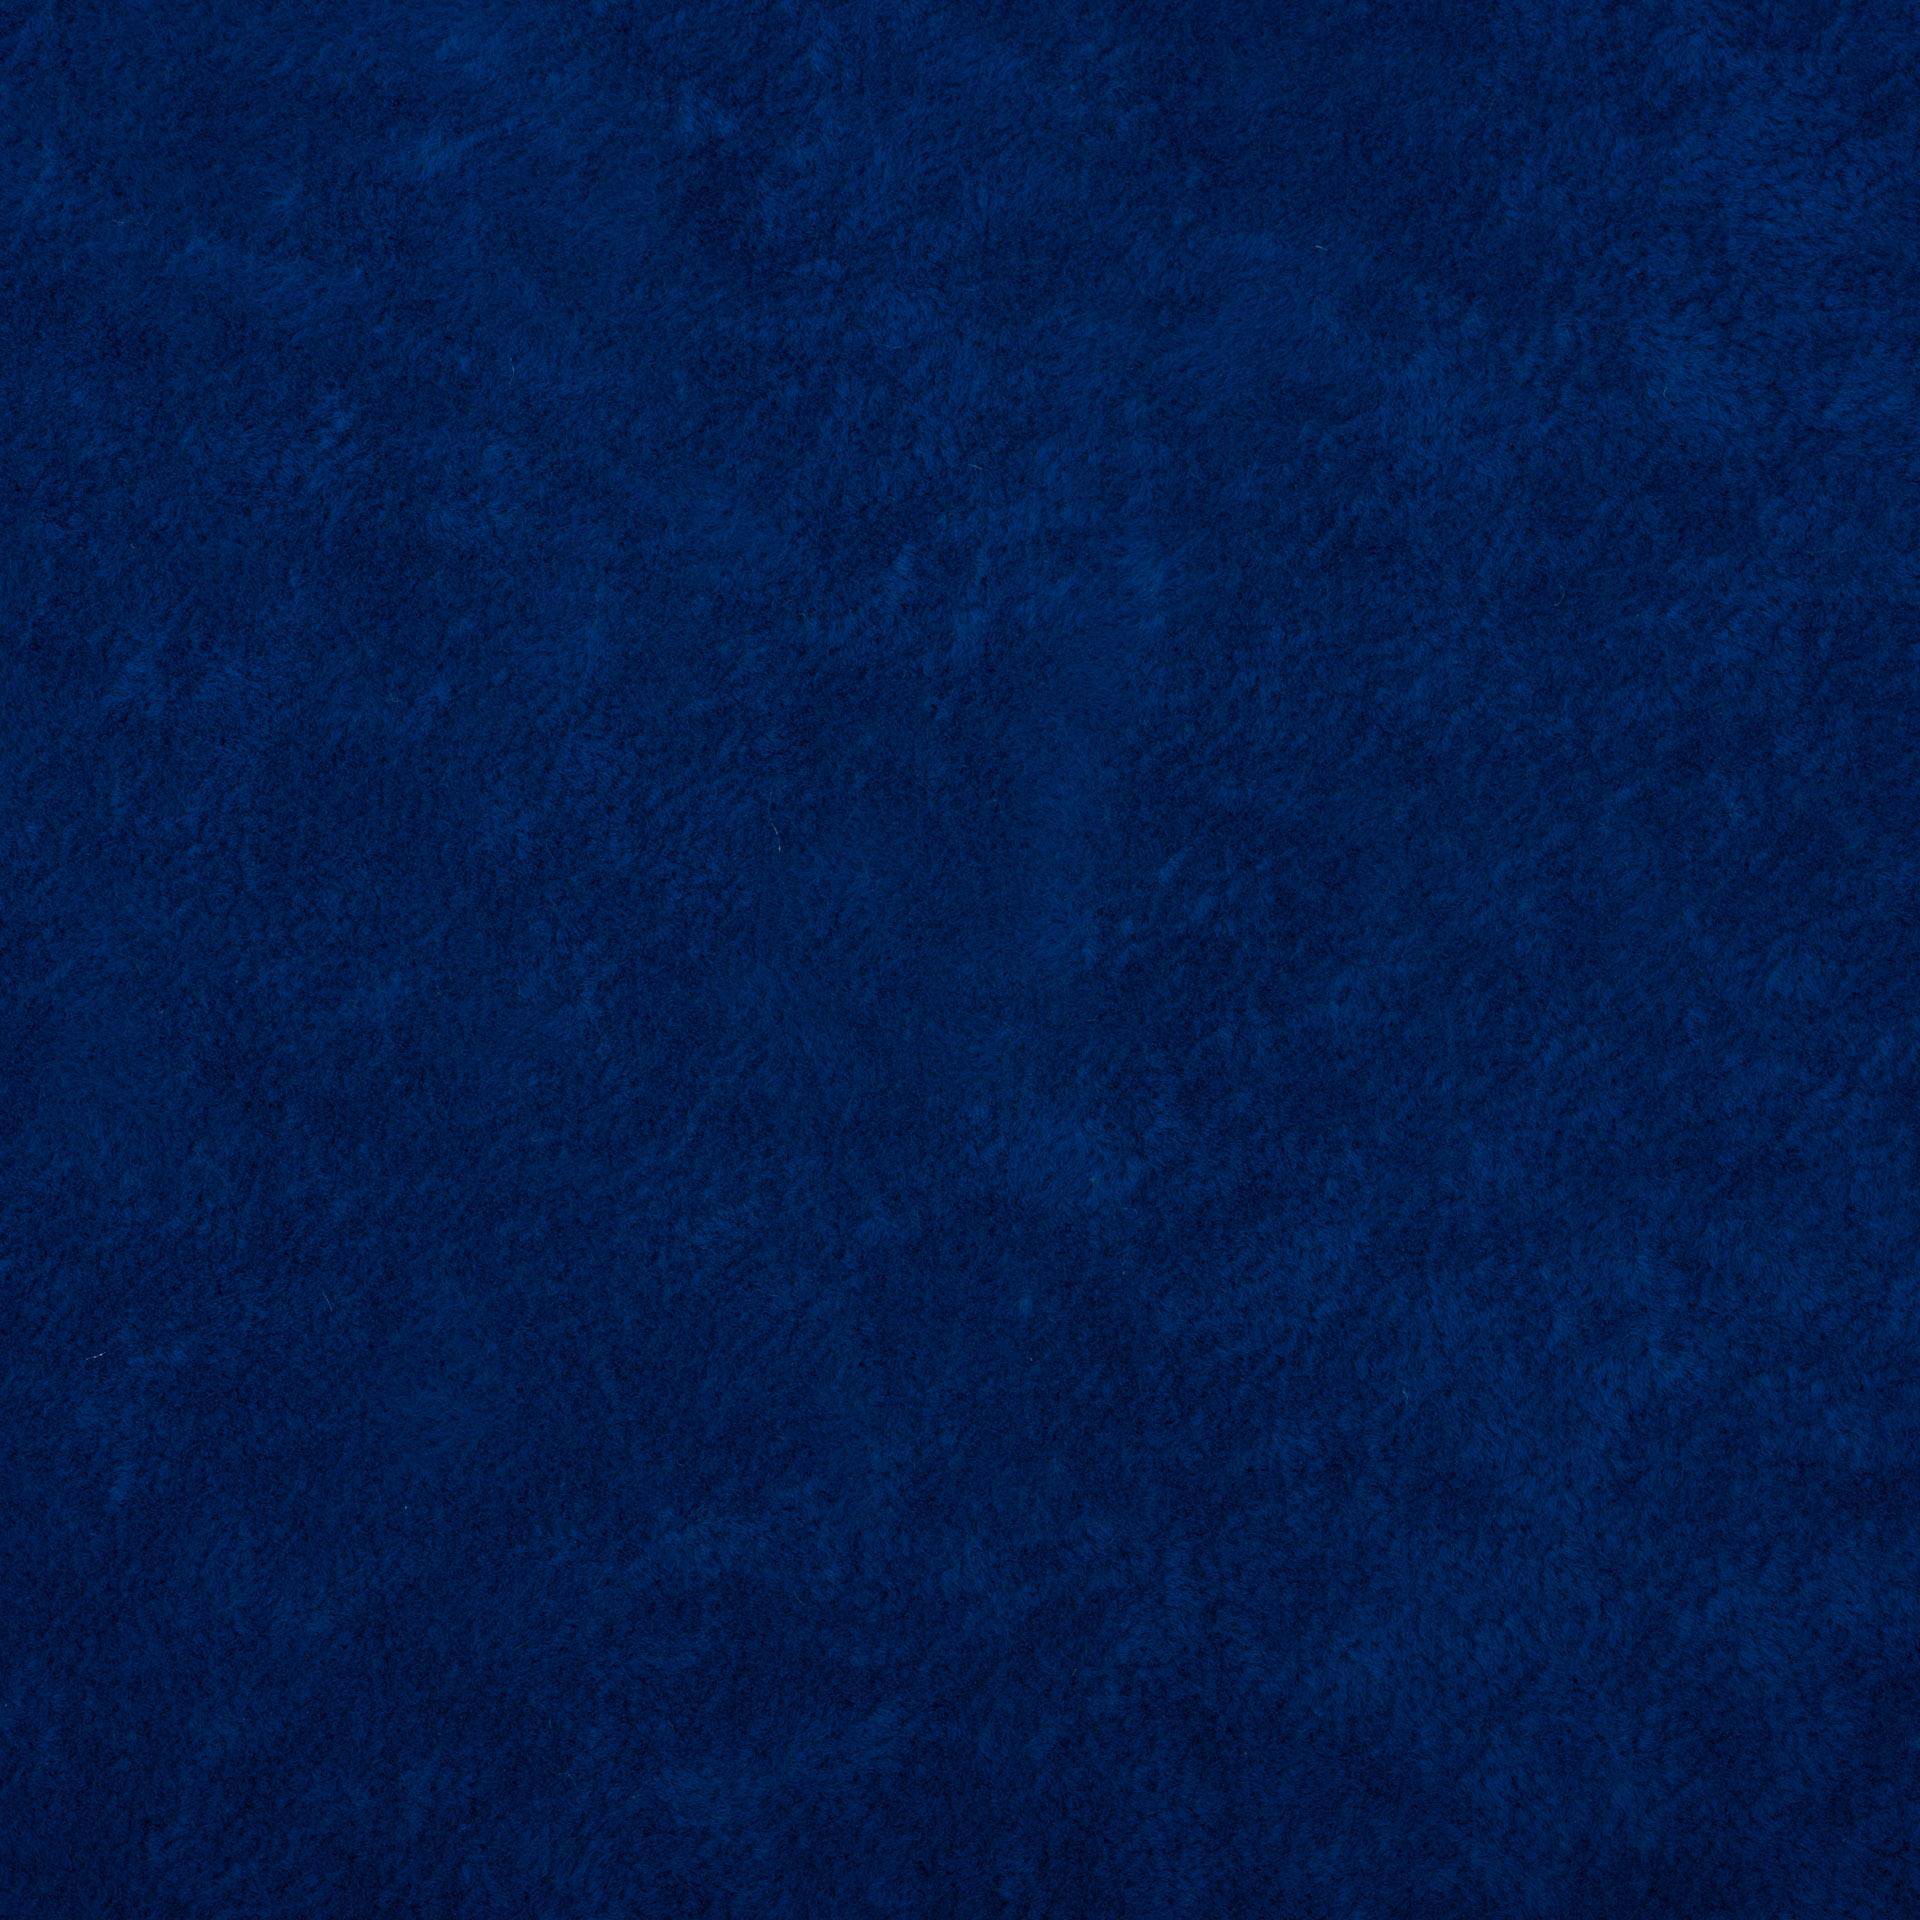 Коллекция ткани Финт ROYAL BLUE,  купить ткань Флок для мебели Украина